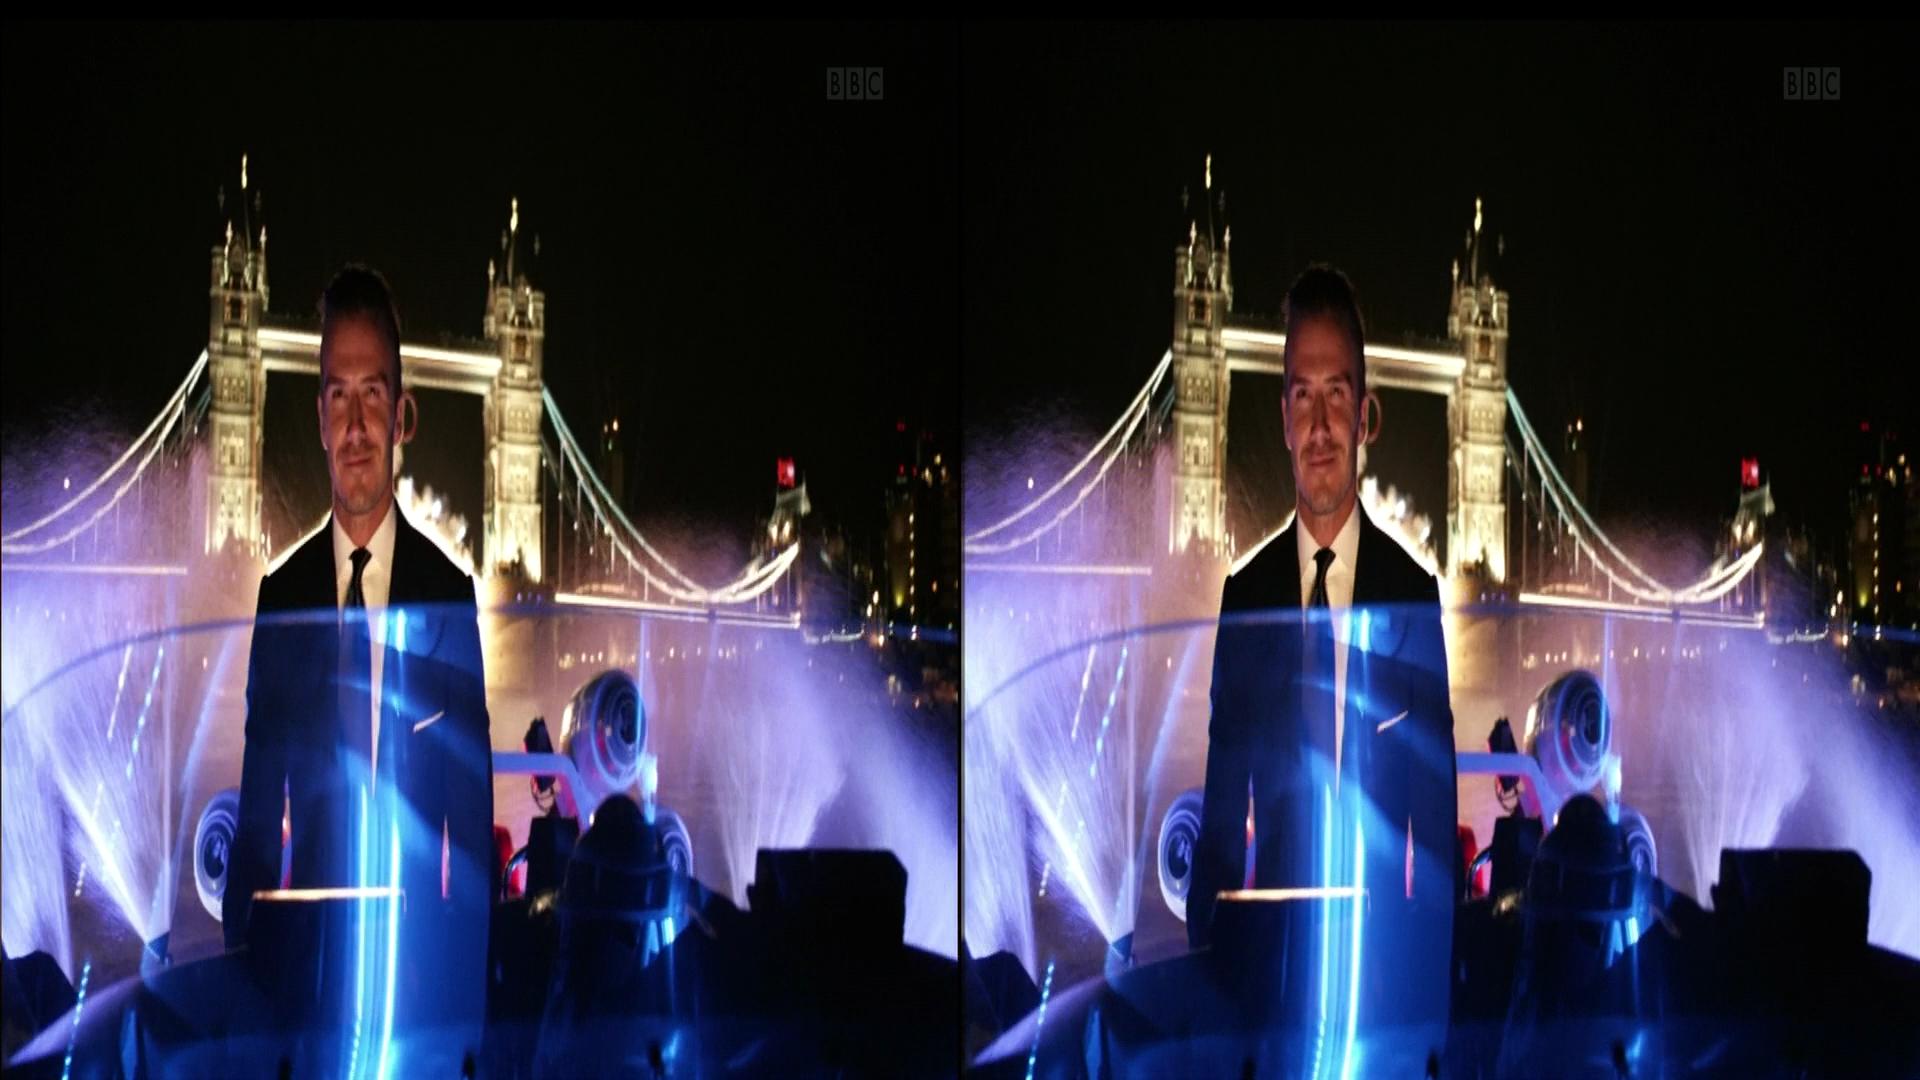 Изображение для Церемония открытия летних Олимпийских Игр - Лондон 2012 / 3Д (2012) [HDTV-AVC, Half SideBySide / Горизонтальная анаморфная стереопара] (кликните для просмотра полного изображения)